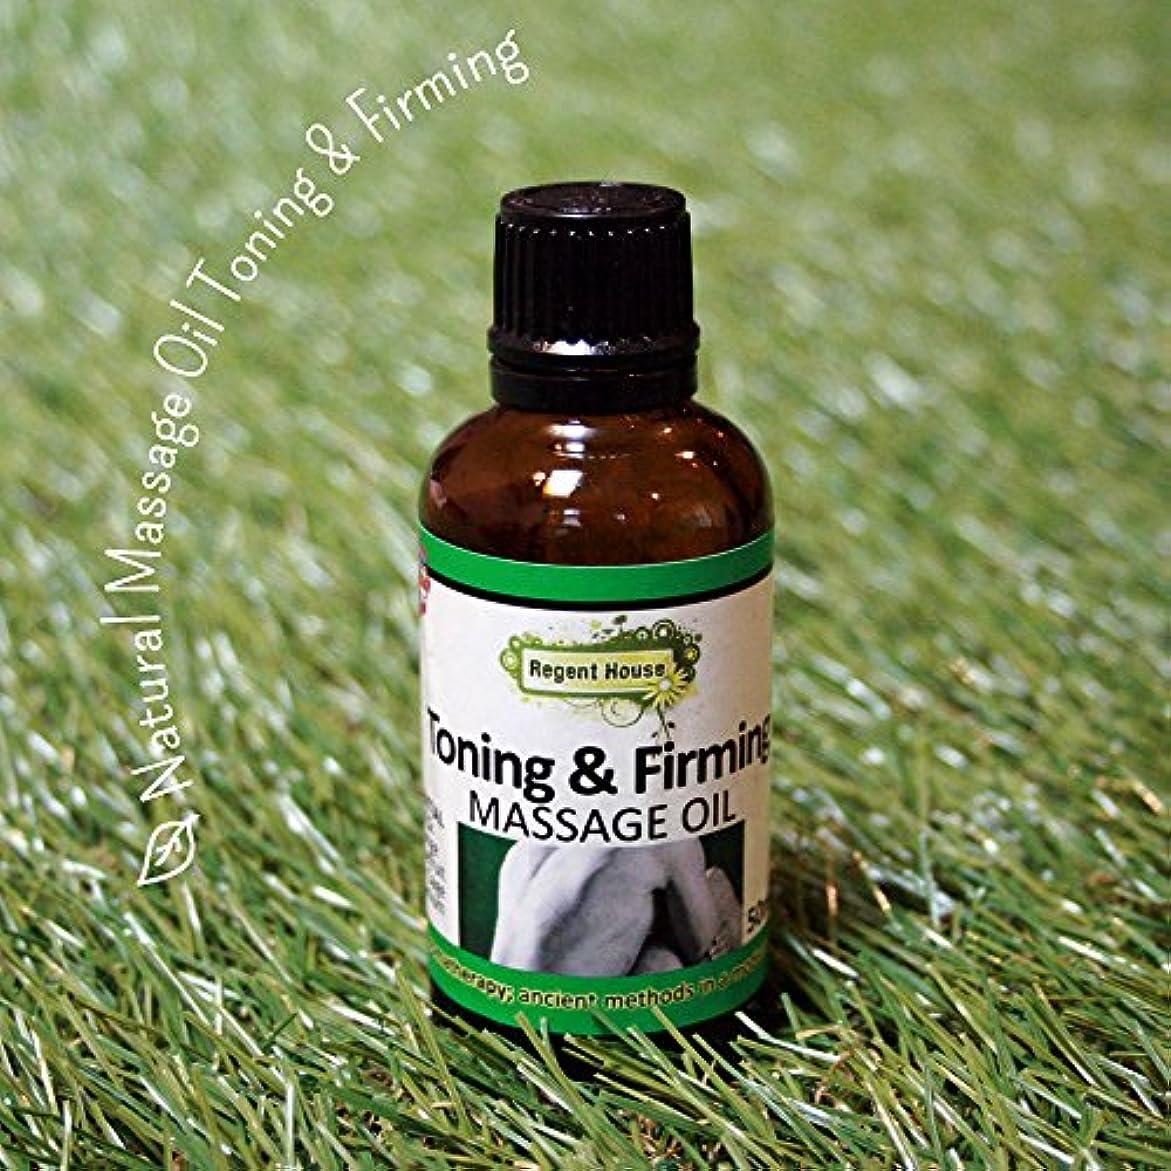 傾向ウガンダ電信天然オレンジと天然グレープフルーツのコンビ。 アロマ ナチュラル マッサージオイル 50ml トニング&ファーミング(Aroma Massage Oil Toning & Firming)<BR>